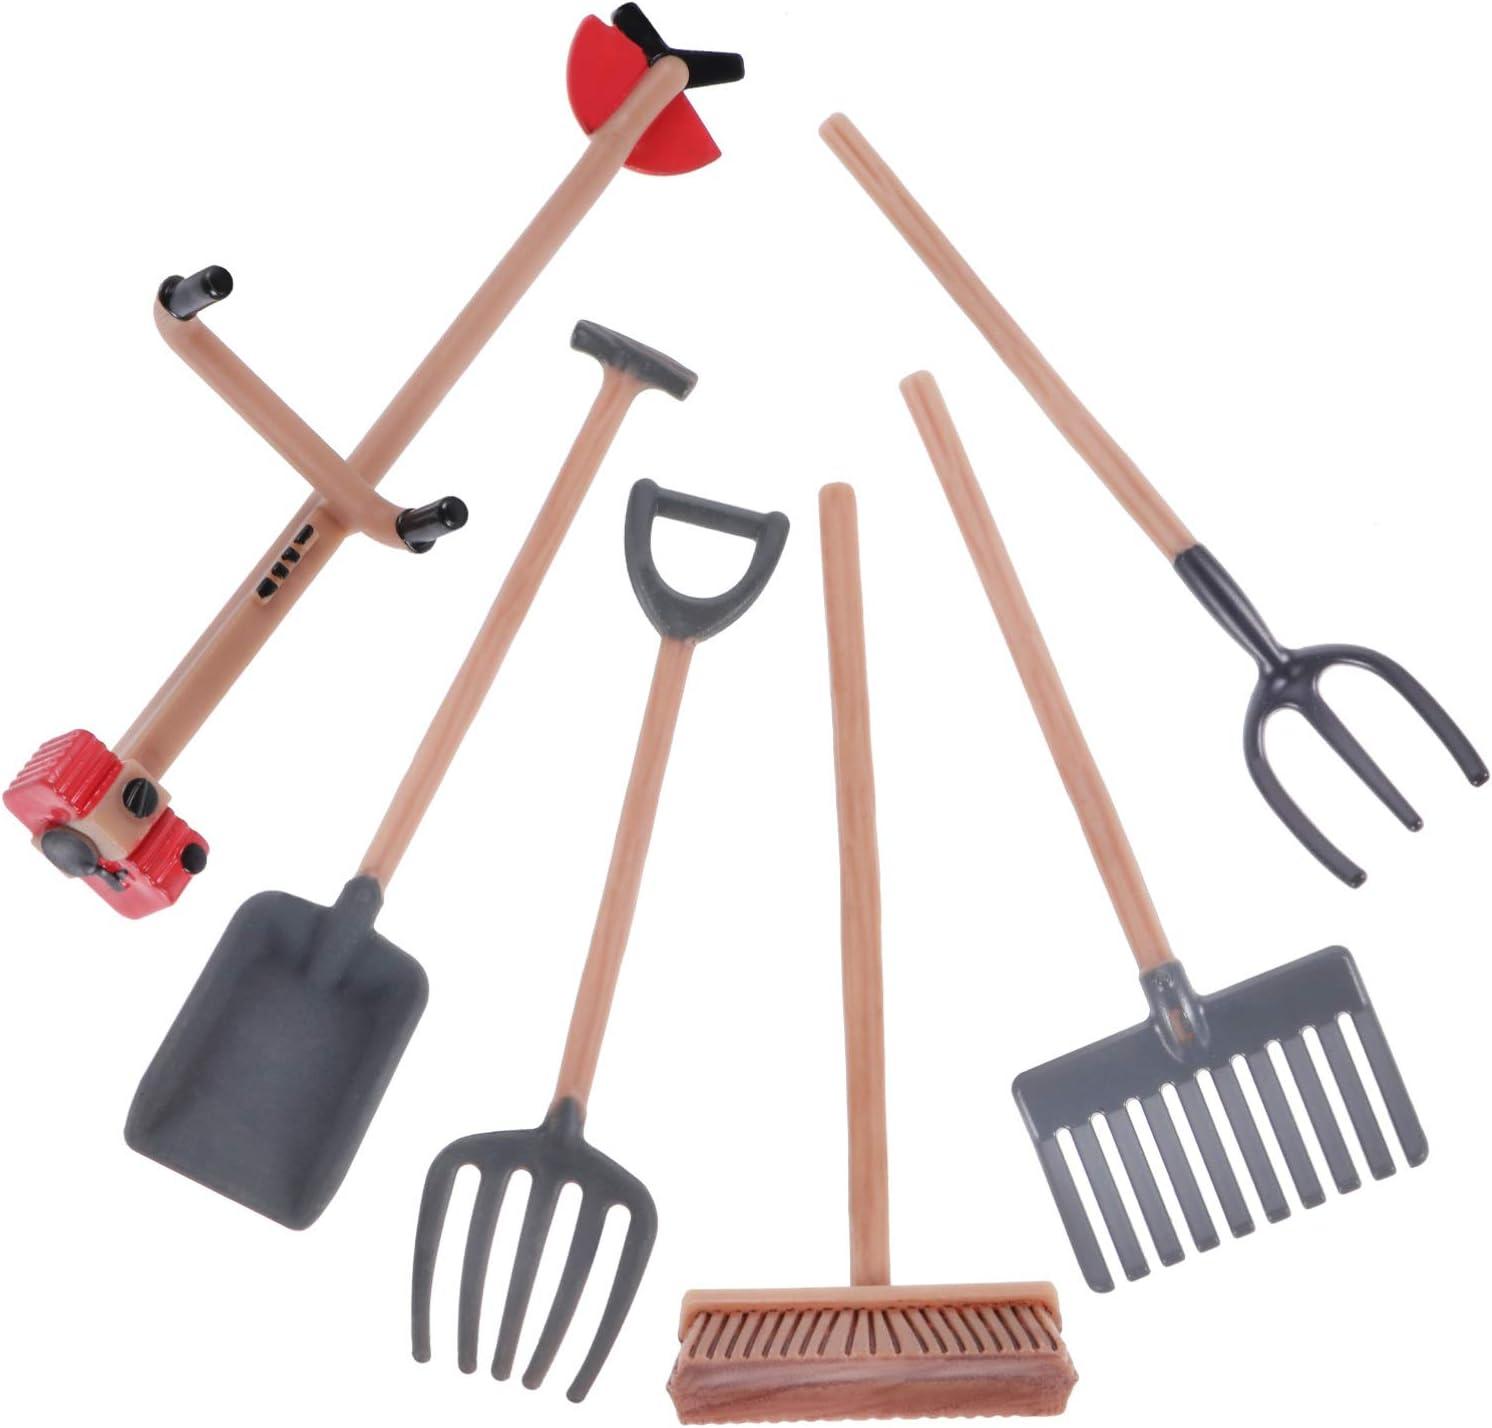 DOITOOL 6Pcs Mini Sand Tool Kids Sand Table Tool Mini Sand Rake Shovel Dollhouse Miniature Mini Spade Shovel Harrow Gardening Tool Set Zen Garden Sand Table Tool Set for Kids Sand Table Toys